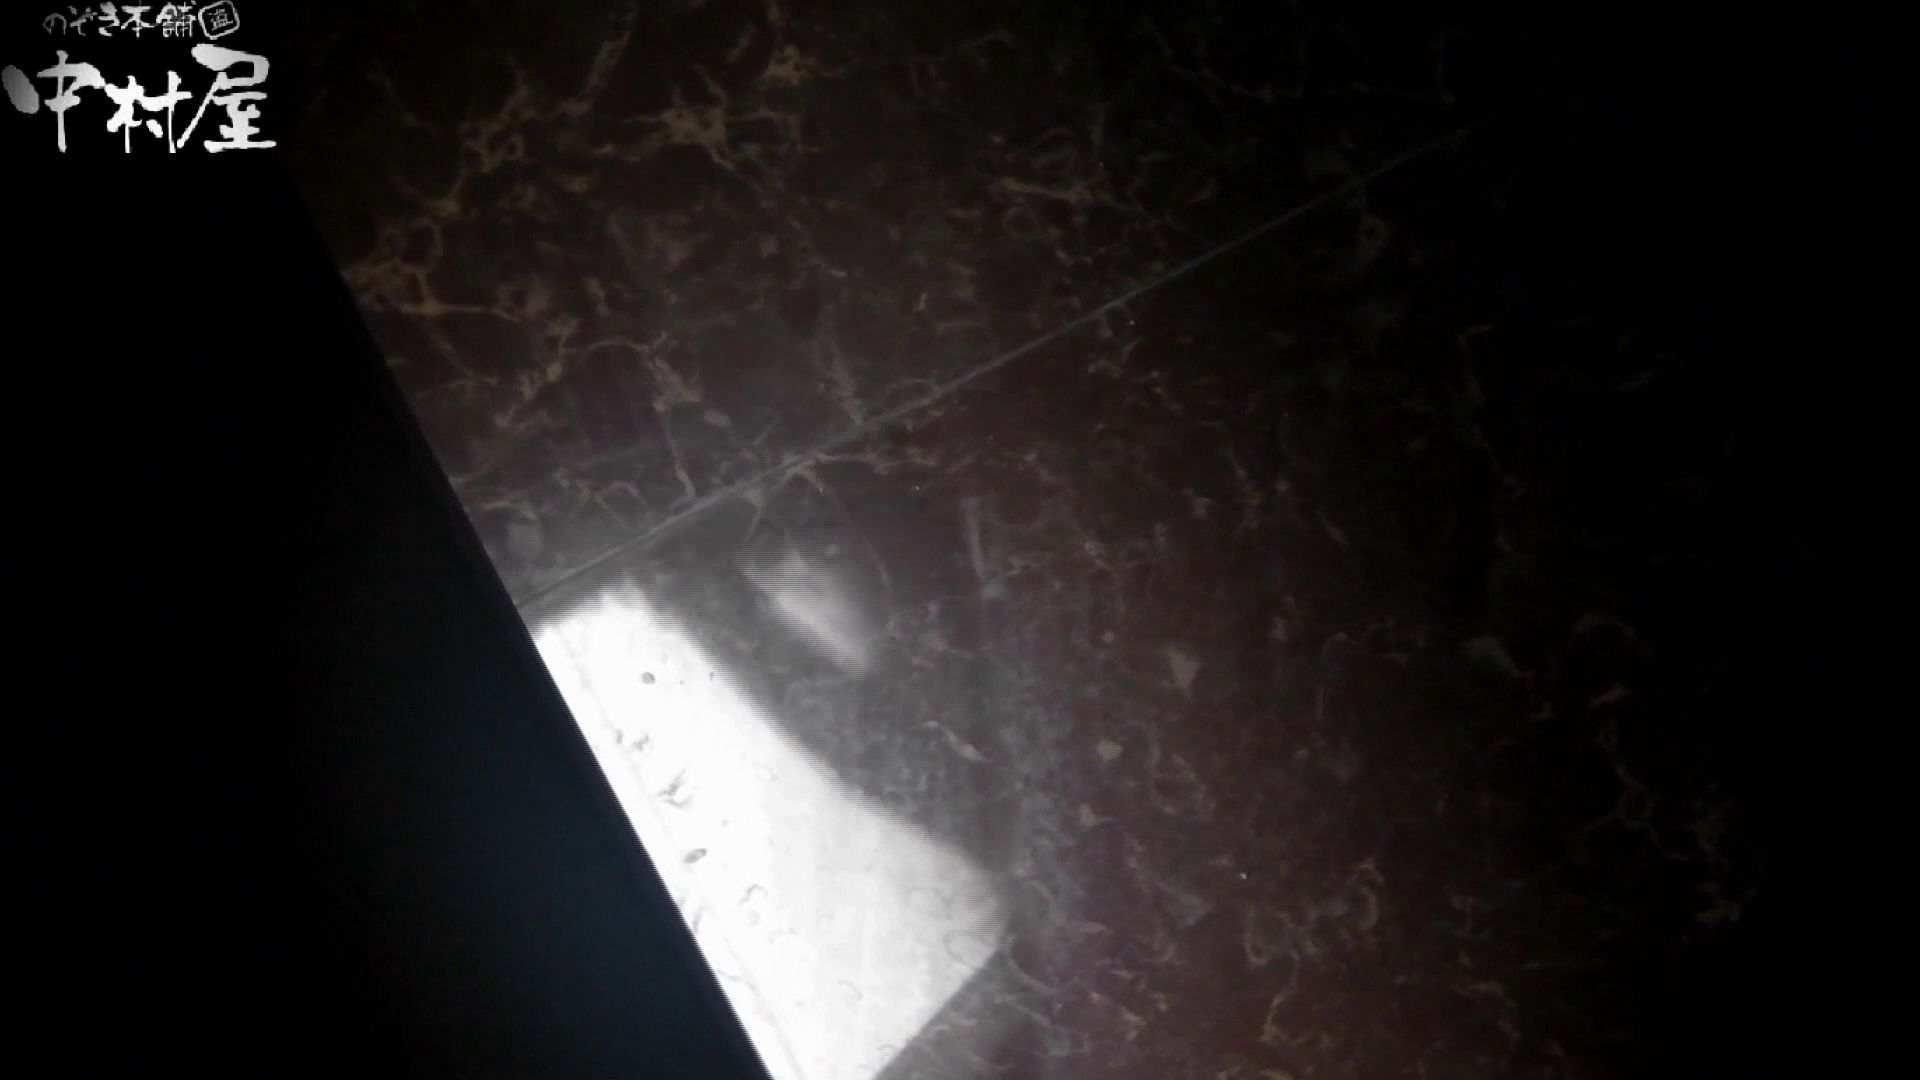 世界の射窓から vol.43 ソーニュー 前編 洗面所編 | 0  105PIX 15